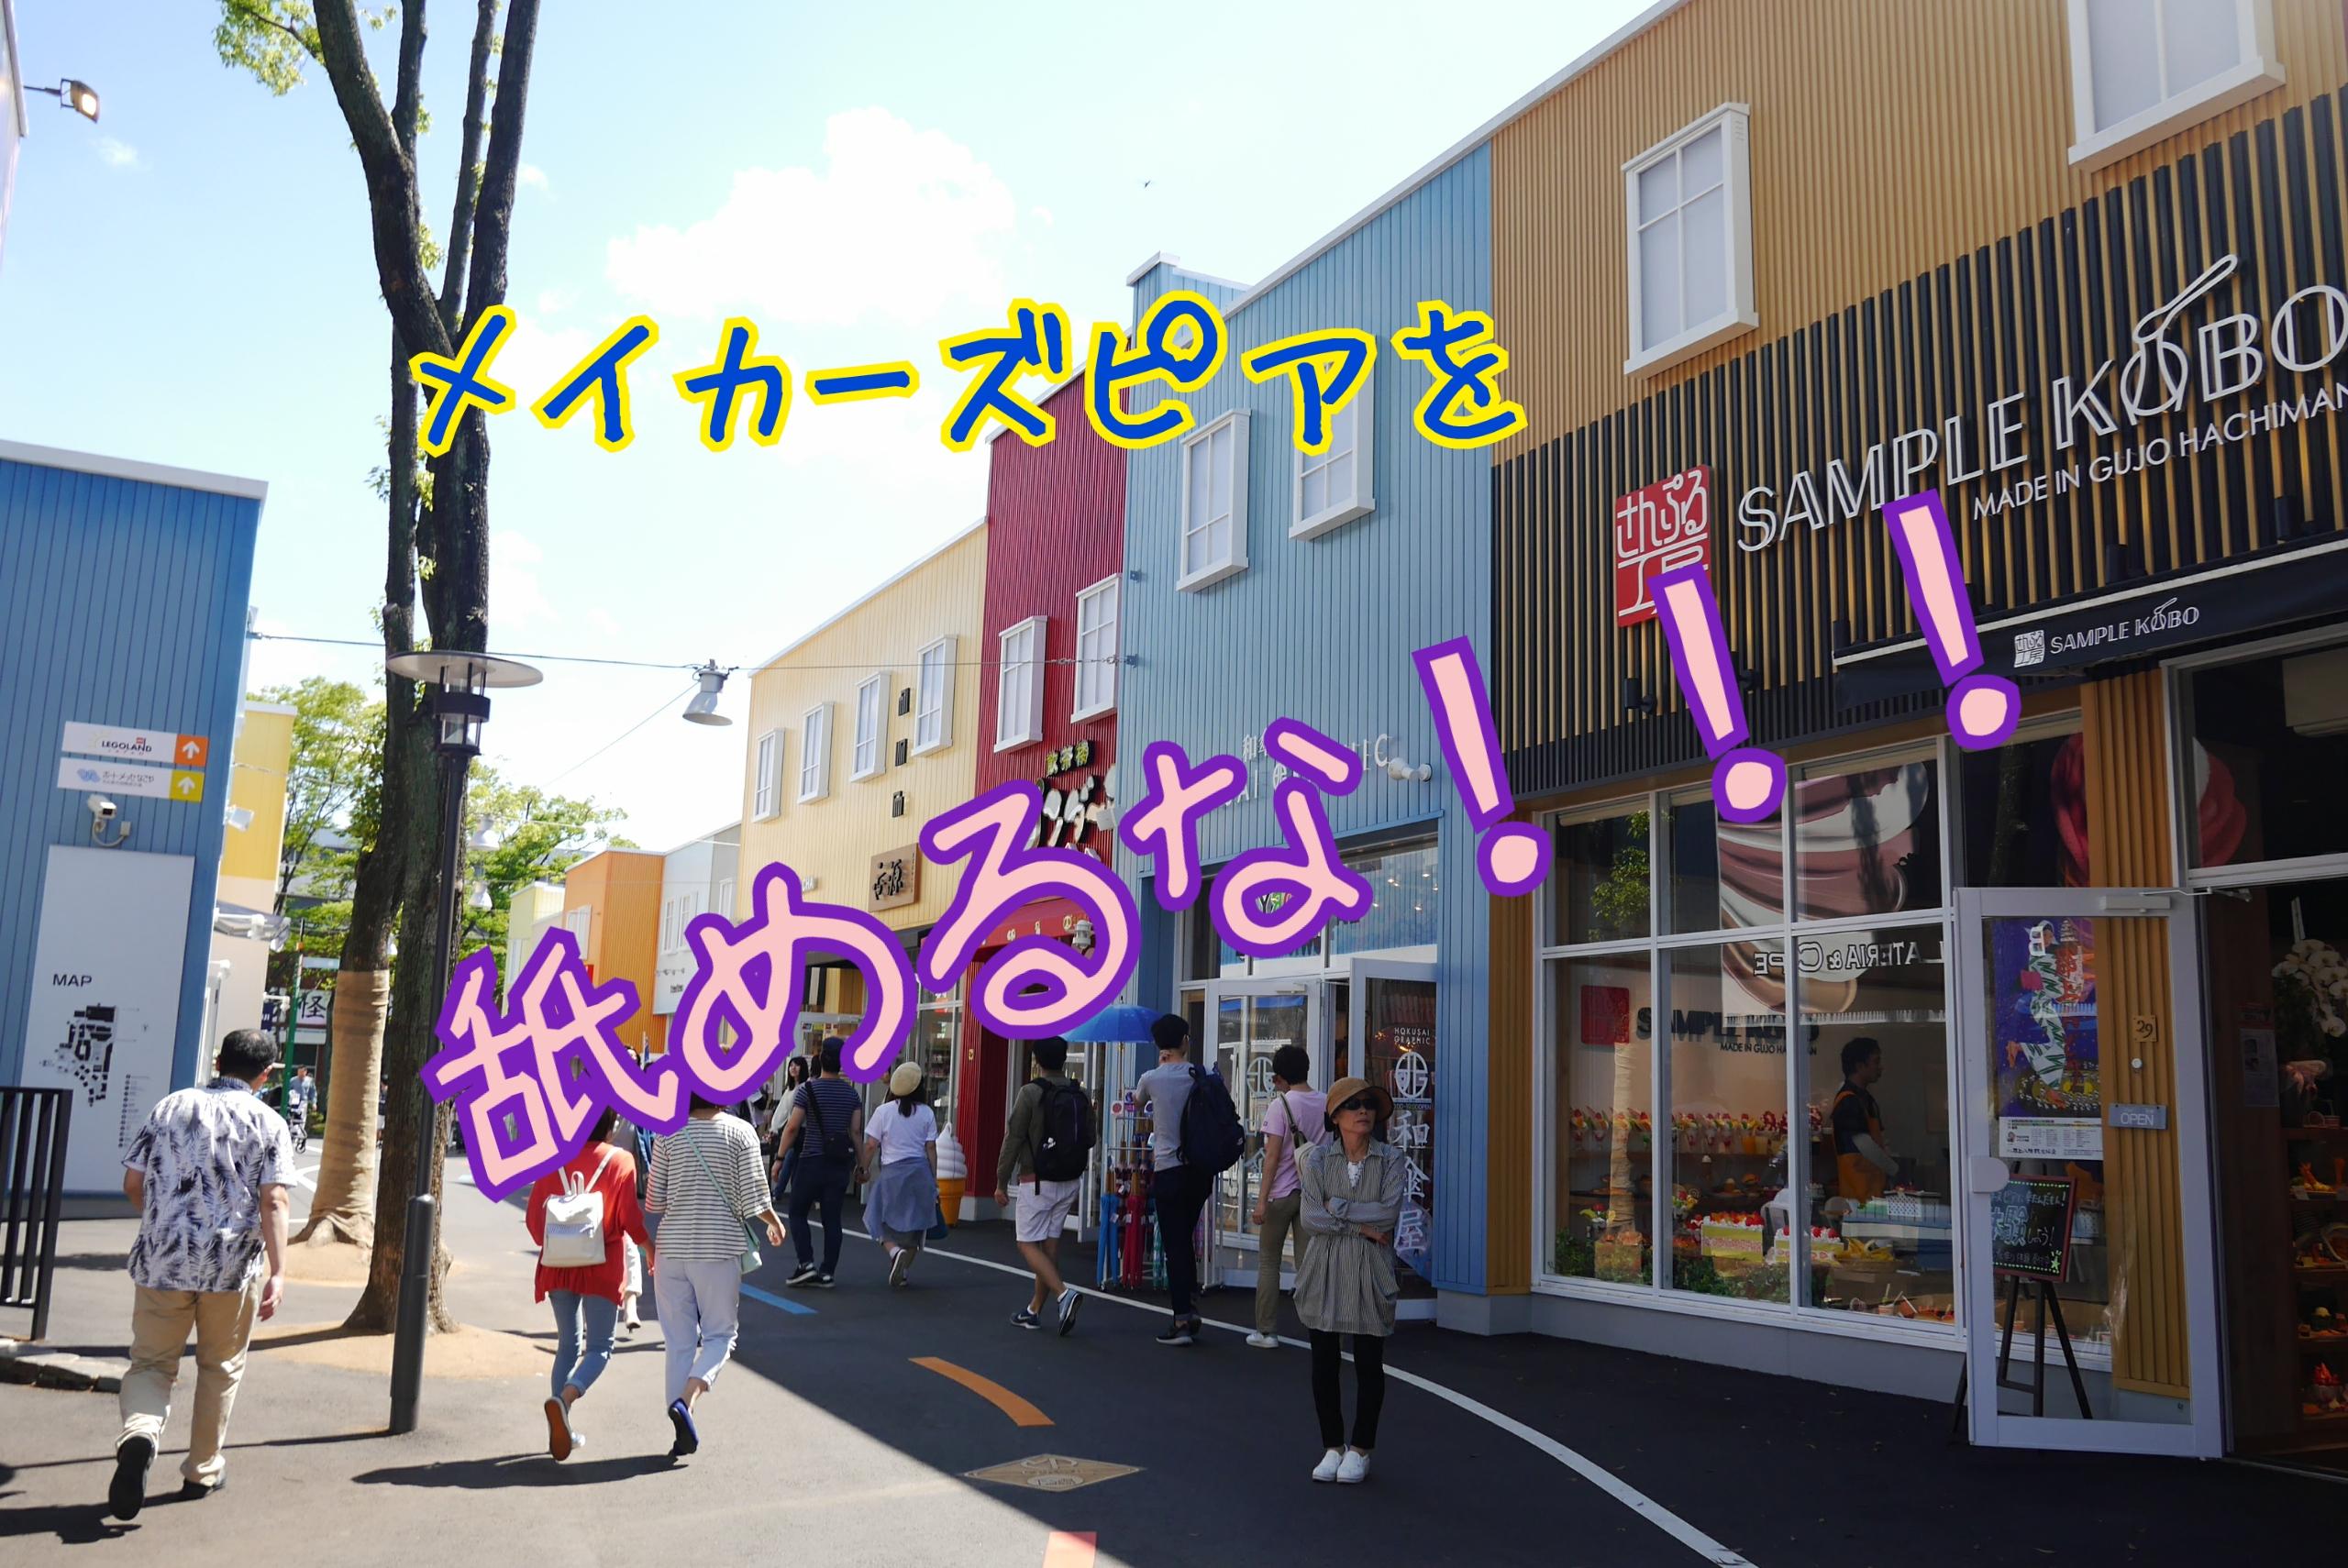 【メイカーズピア】デートにおすすめ!メイカーズピアは名古屋の新デートスポット【金城ふ頭】